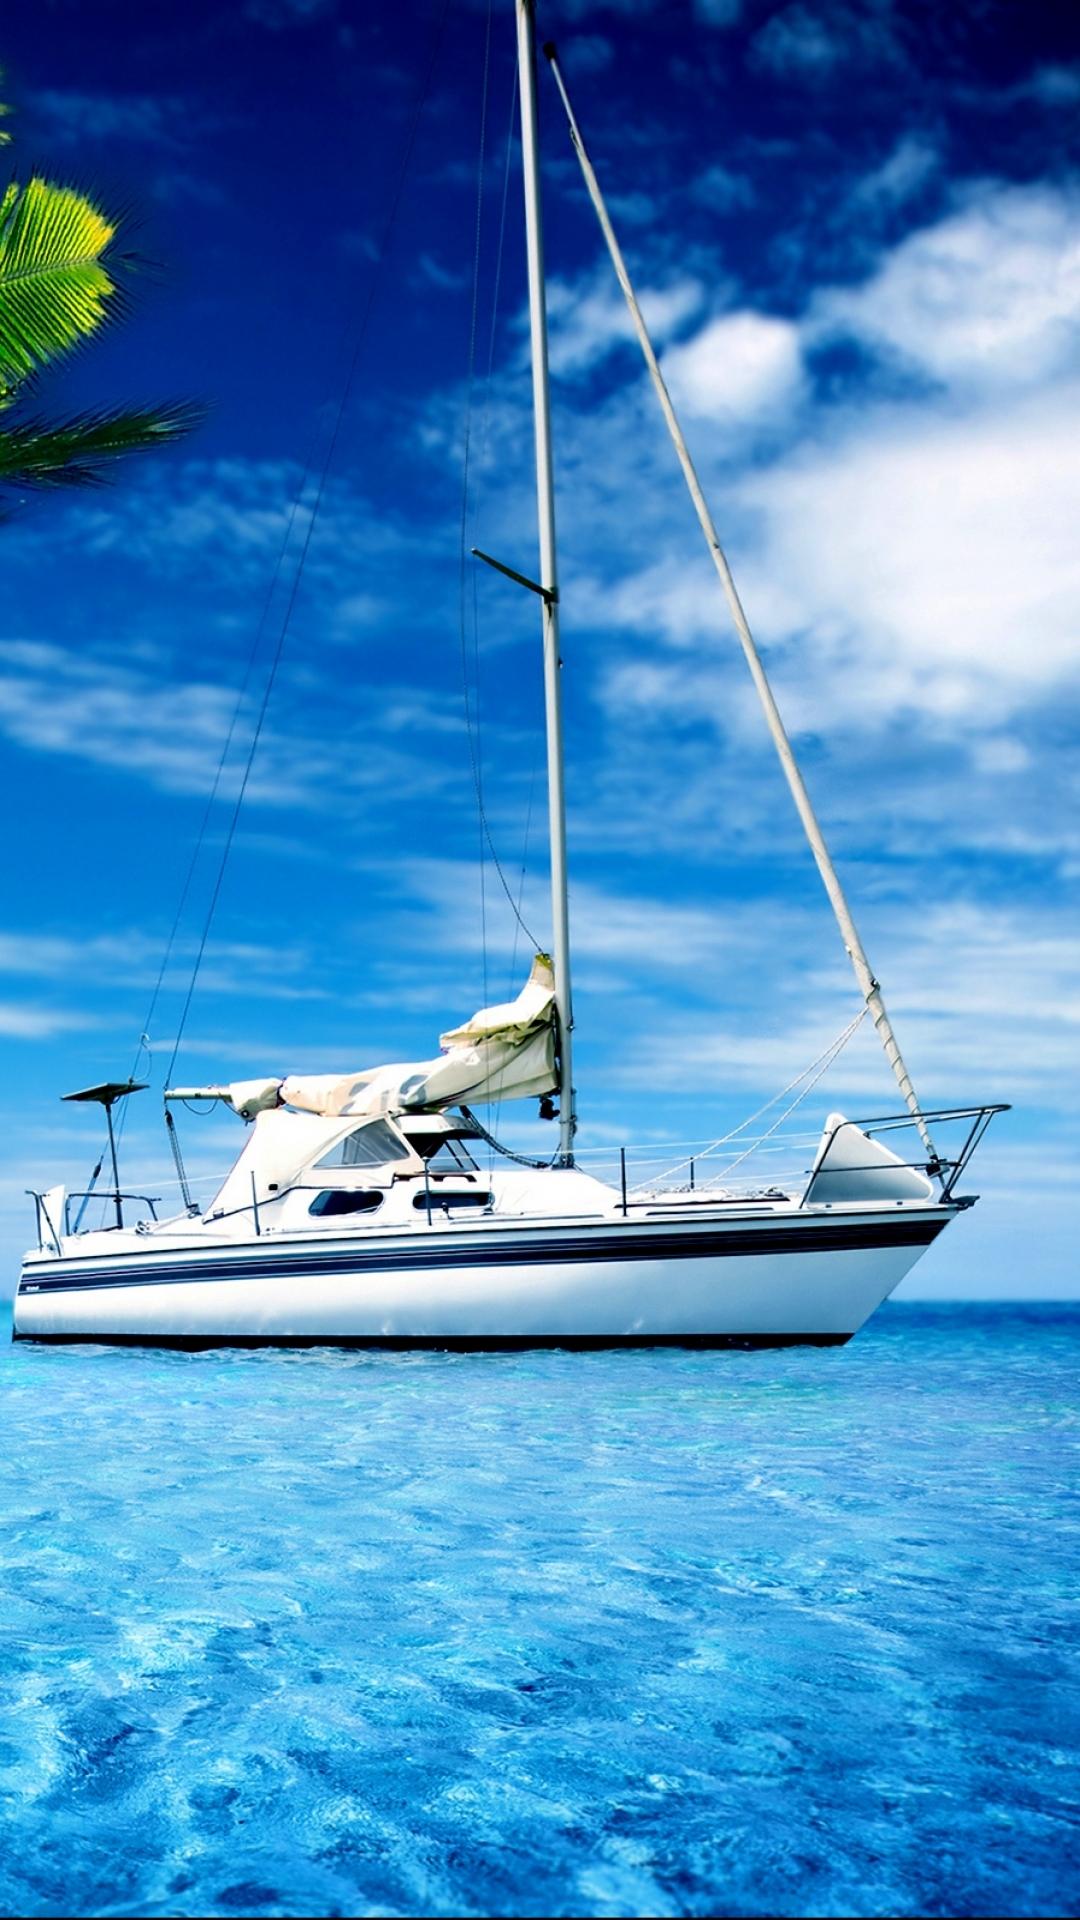 Iphone wallpaper yacht - Wallpaper 522427